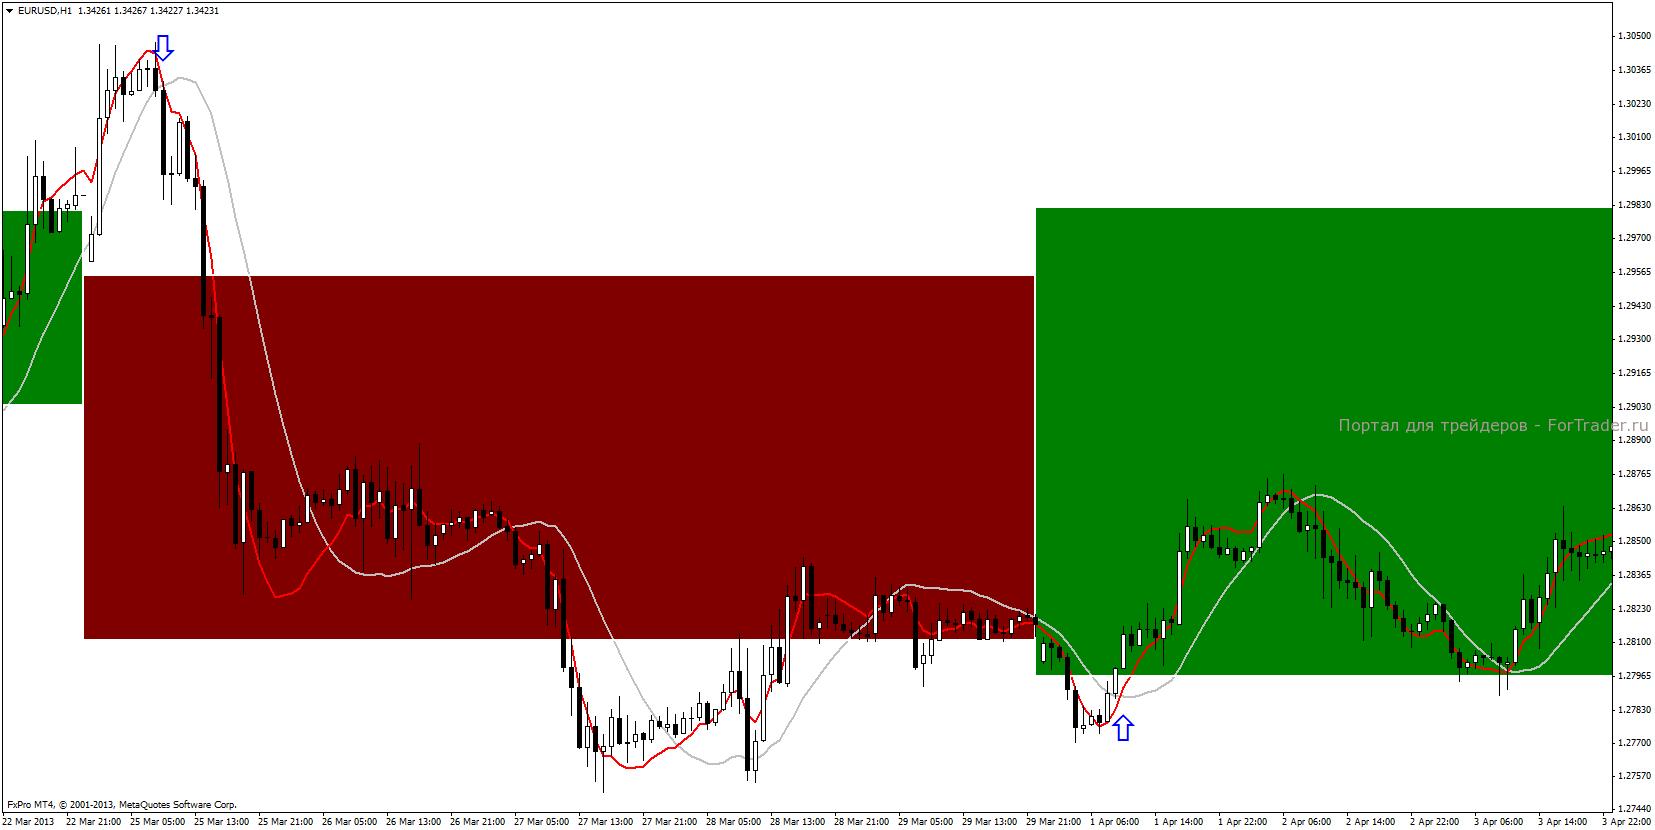 Сигналы торговой стратегии и внешний вид графика